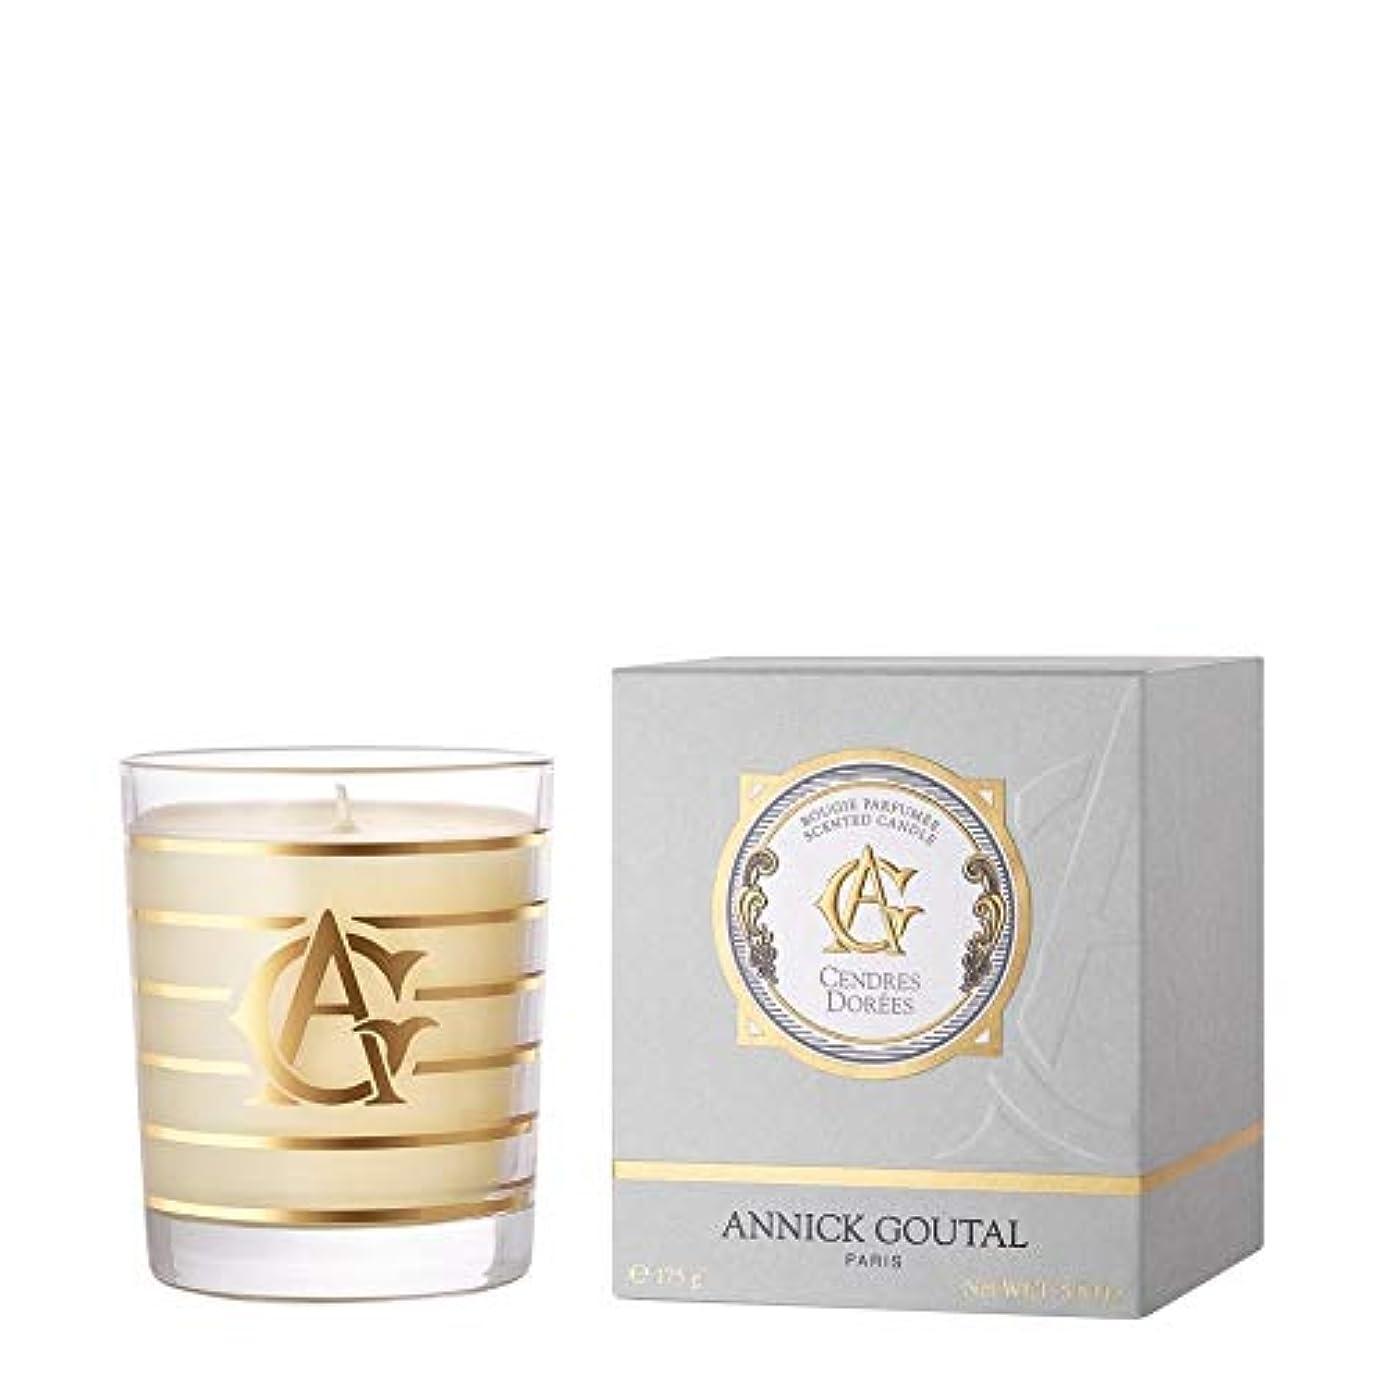 ベスト照らす良い[Annick Goutal ] アニックグタールCendres Dorees香りのキャンドル175グラム - Annick Goutal Cendres Dorees Perfumed Candle 175g [並行輸入品]